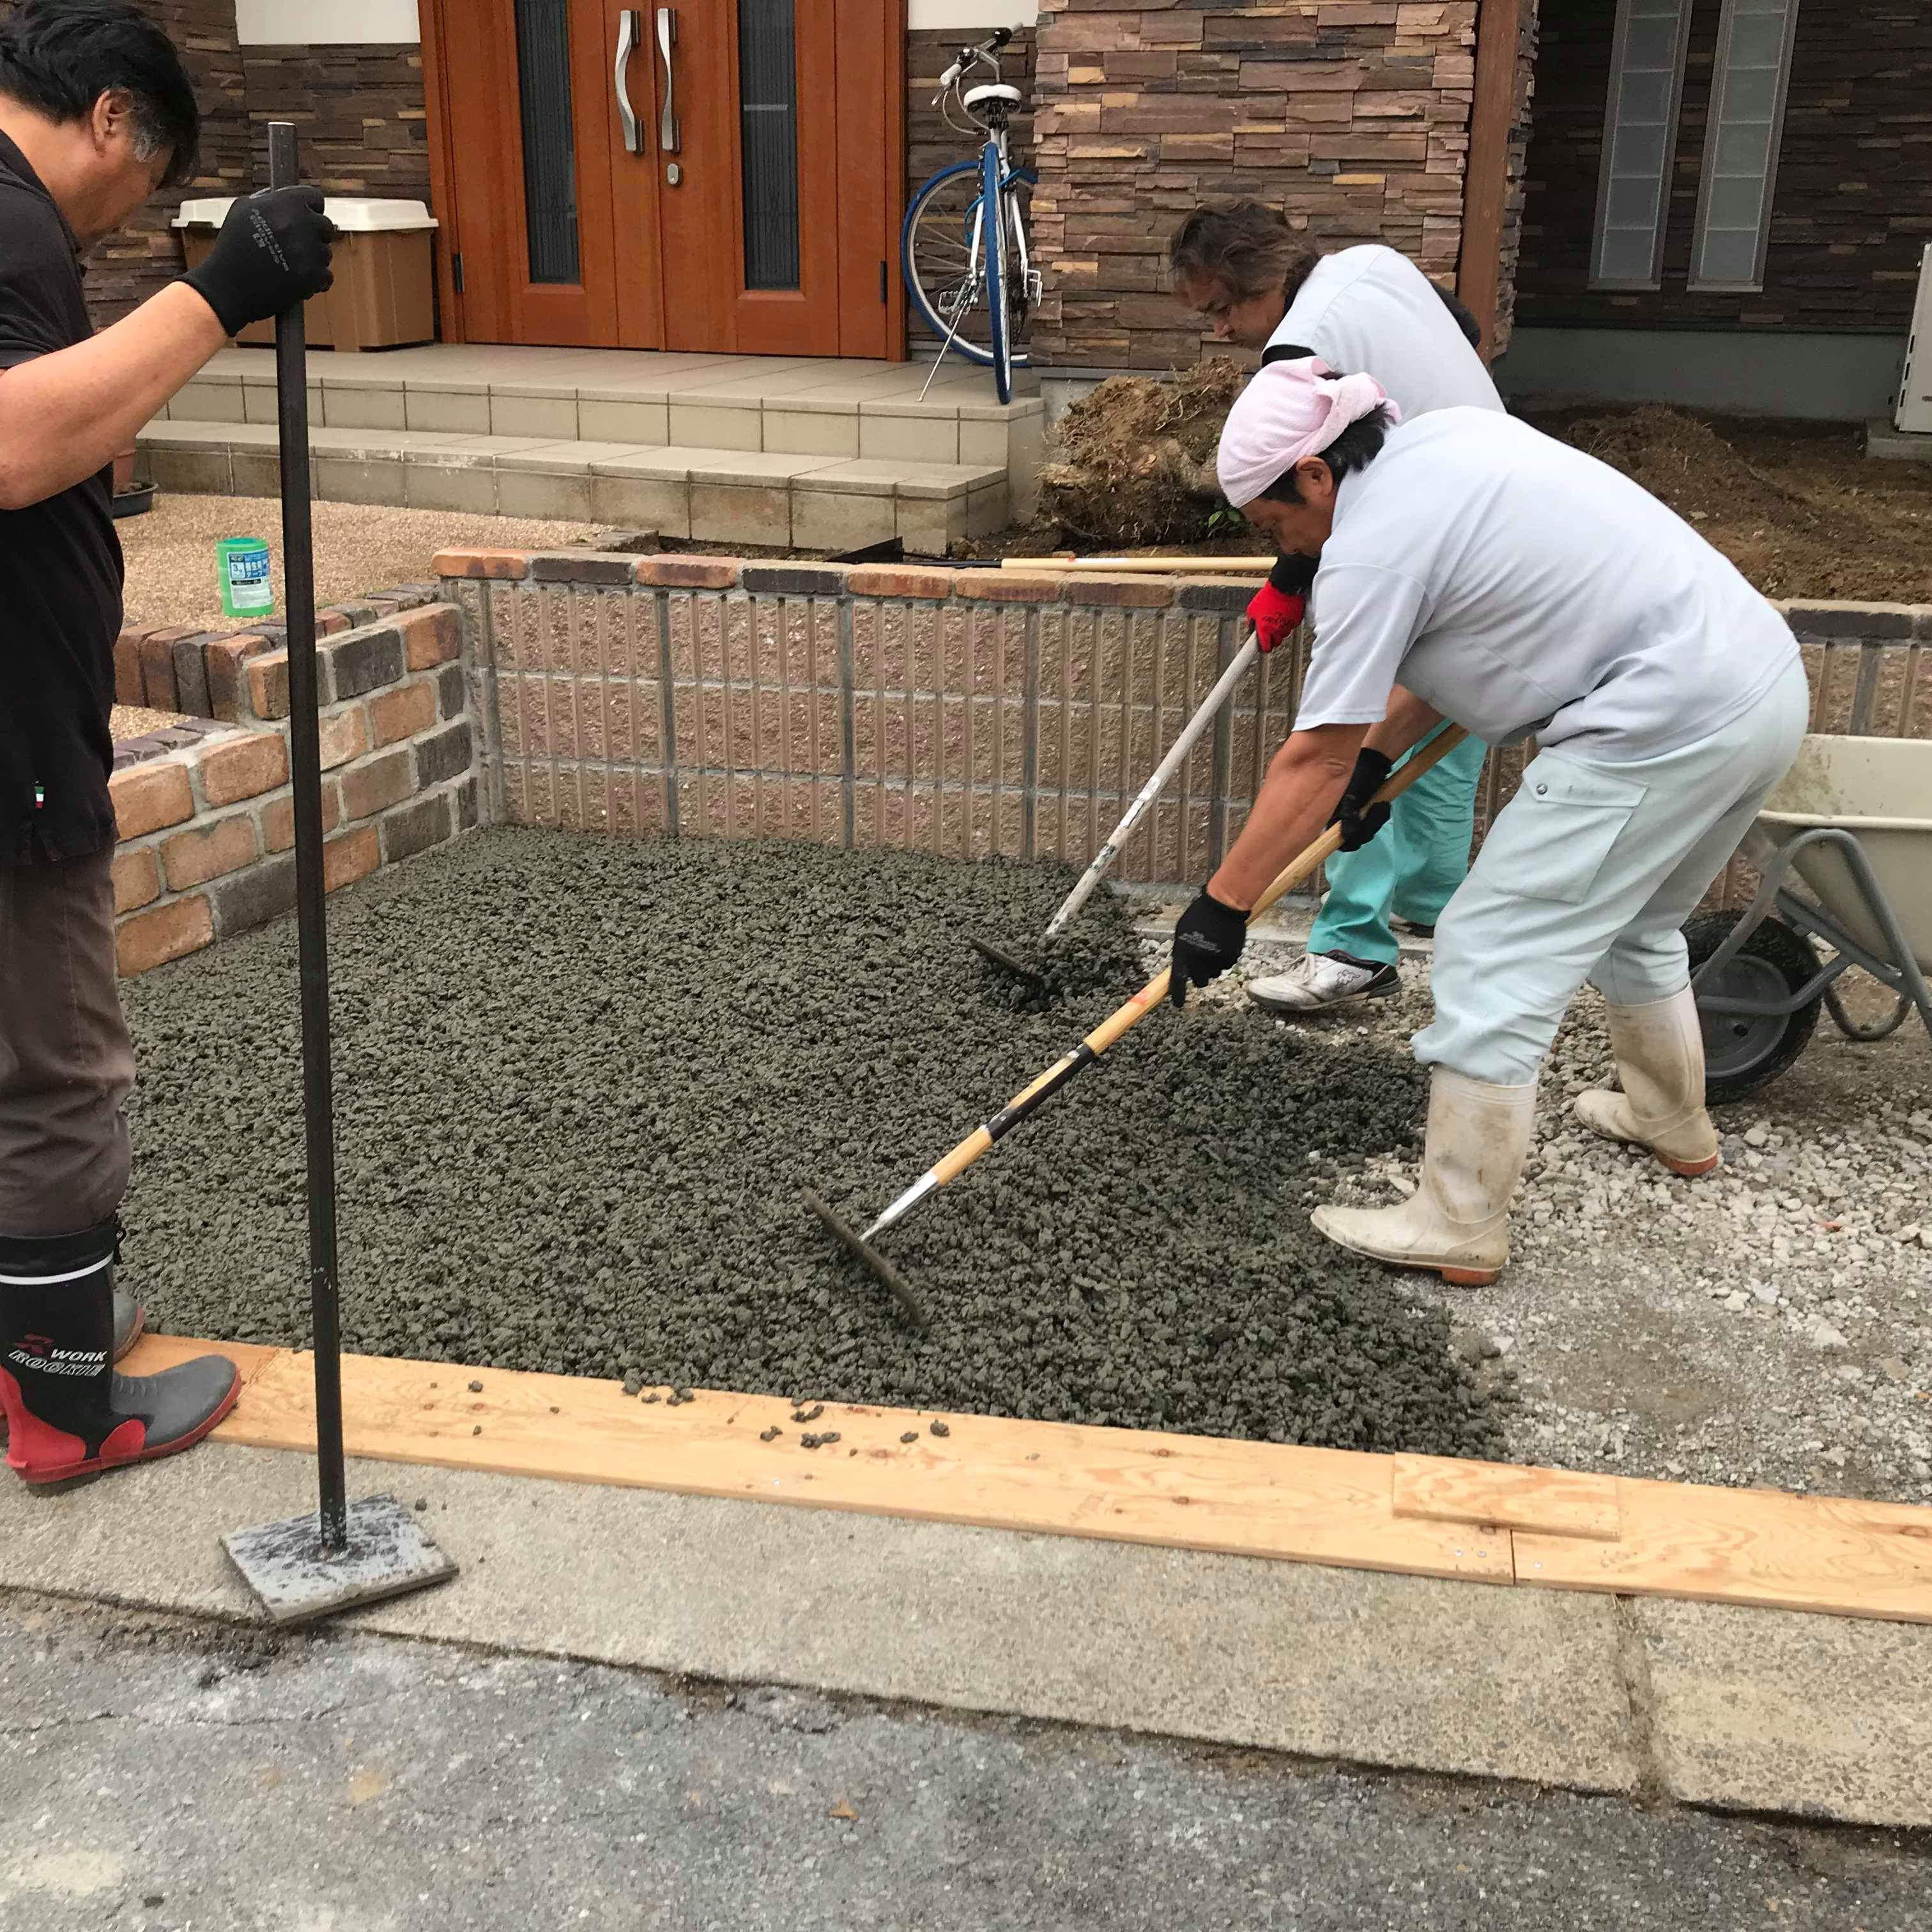 【福岡】「高級住宅地での採用!」まだまだとっつきにくい透水性コンクリート